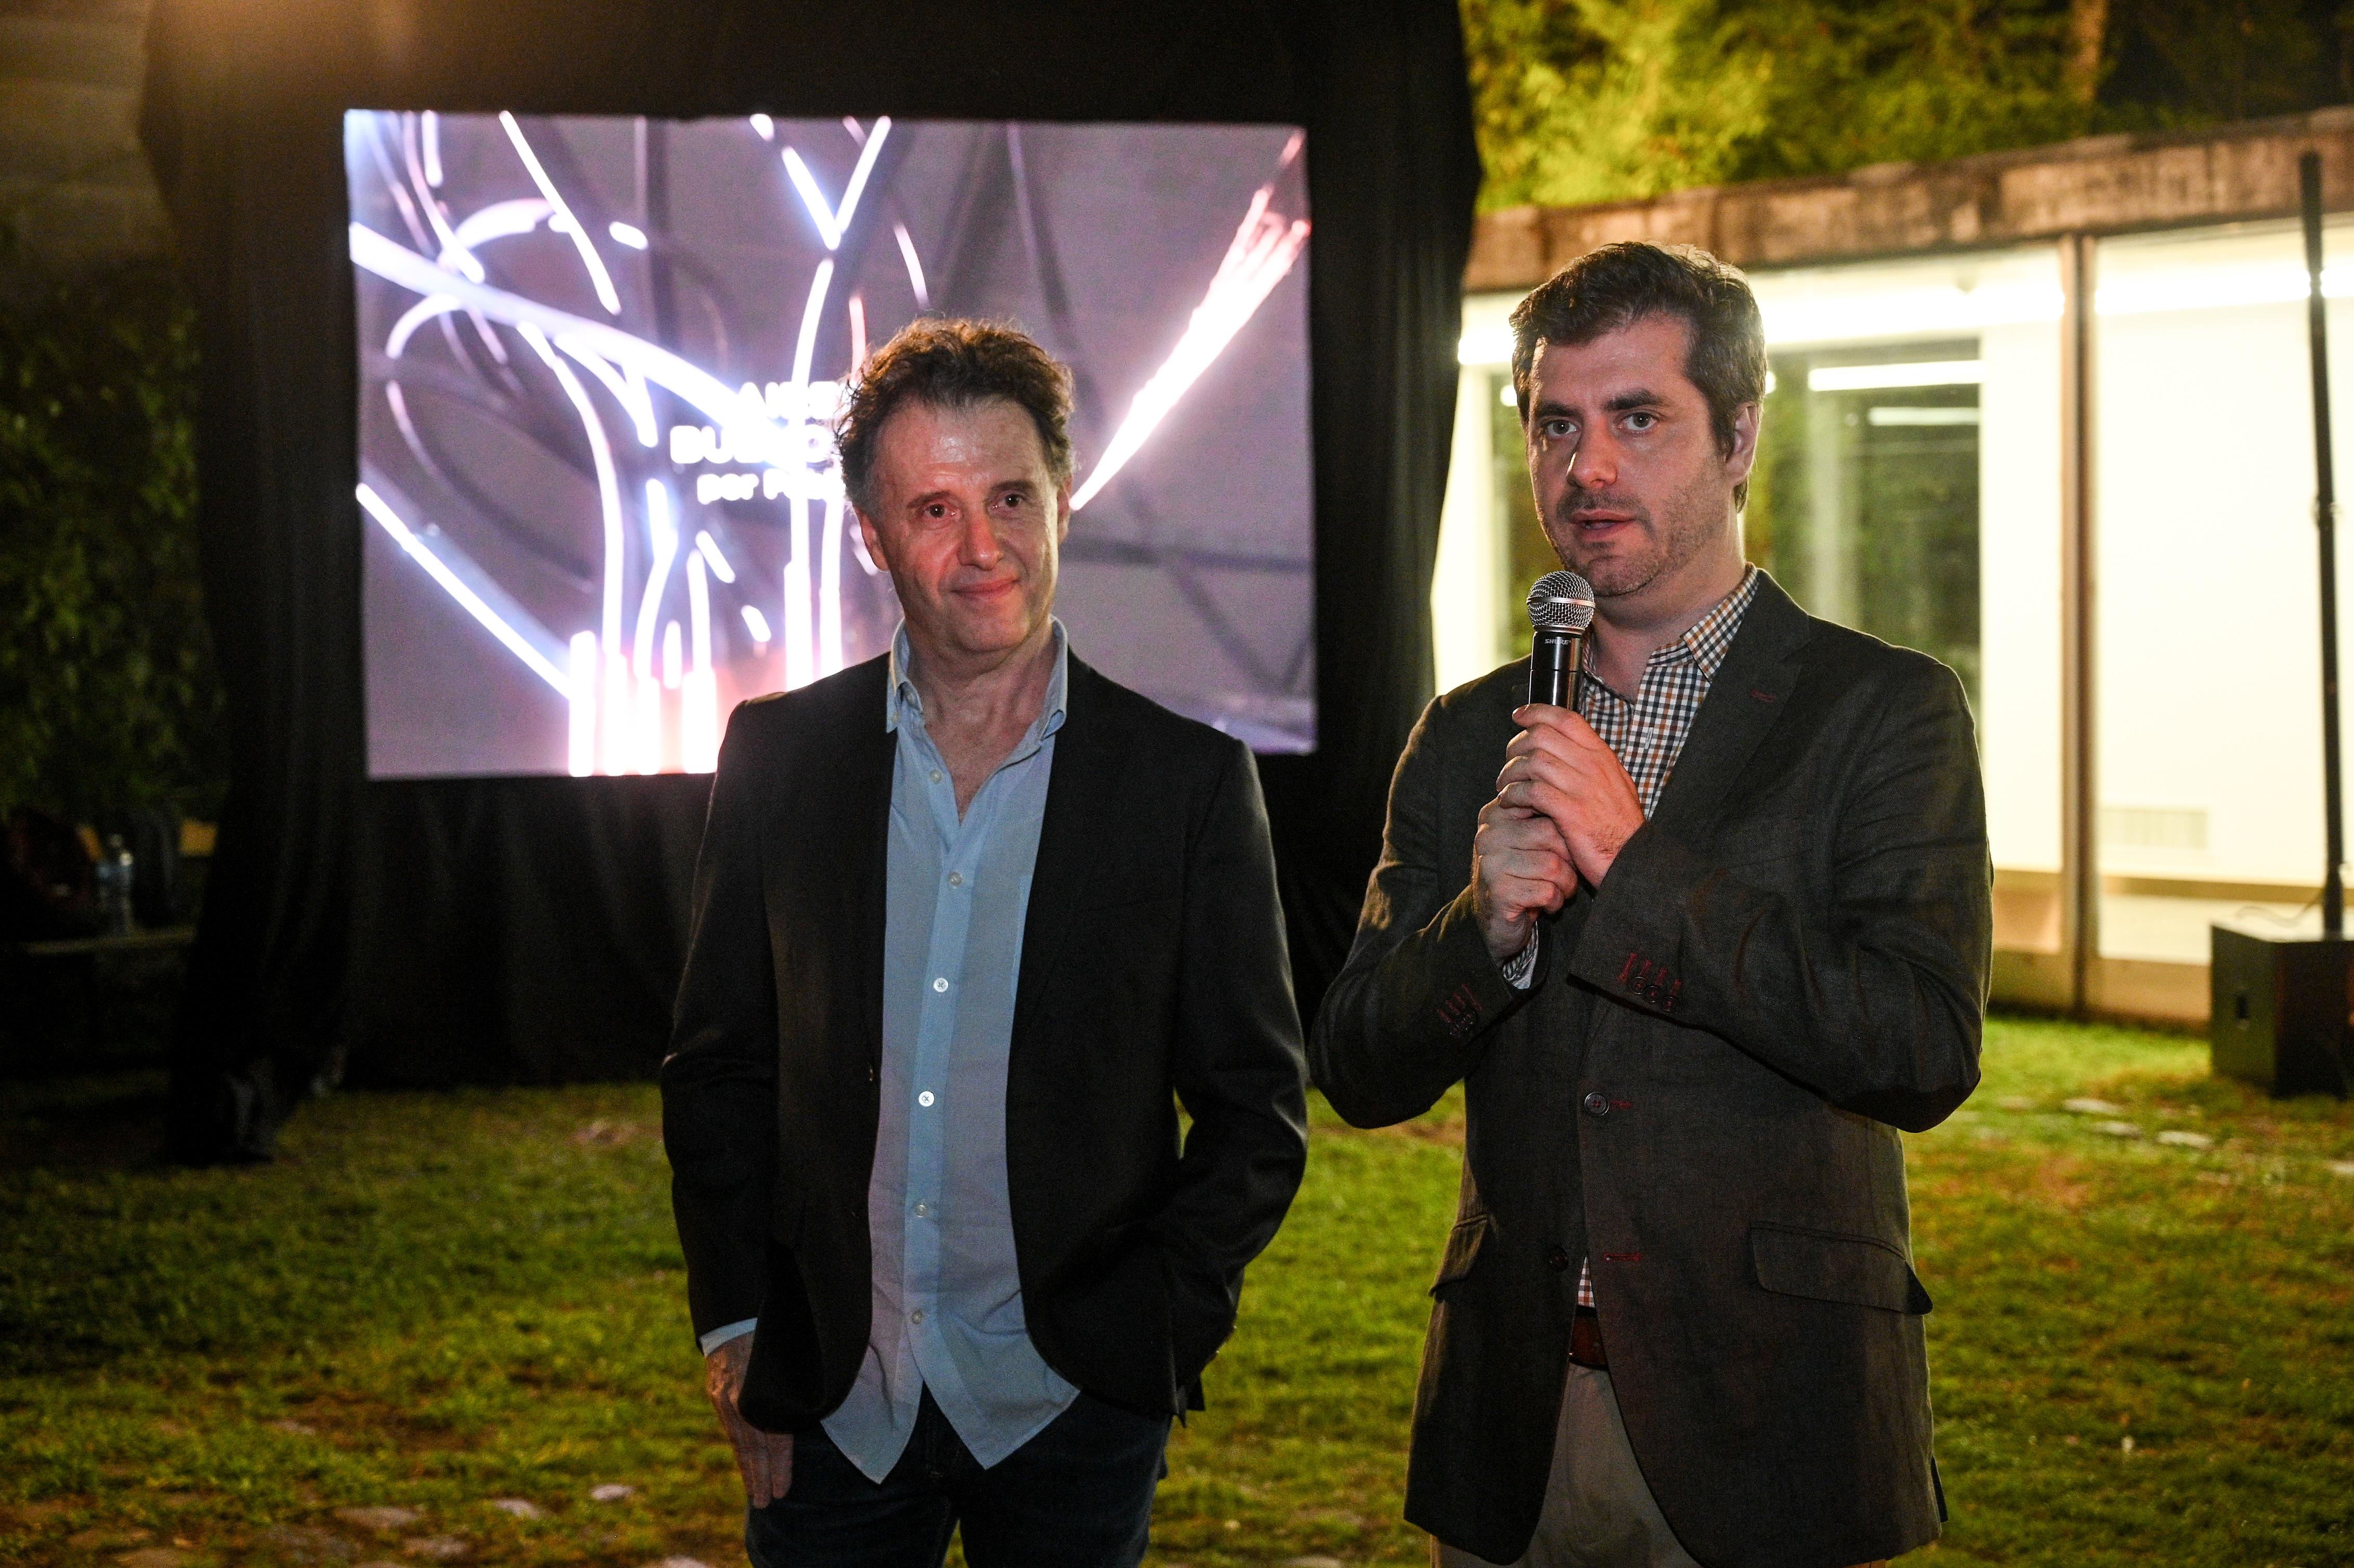 Pablo Reinoso y Juan Pablo Vacas, subsecretario de Espacio Público